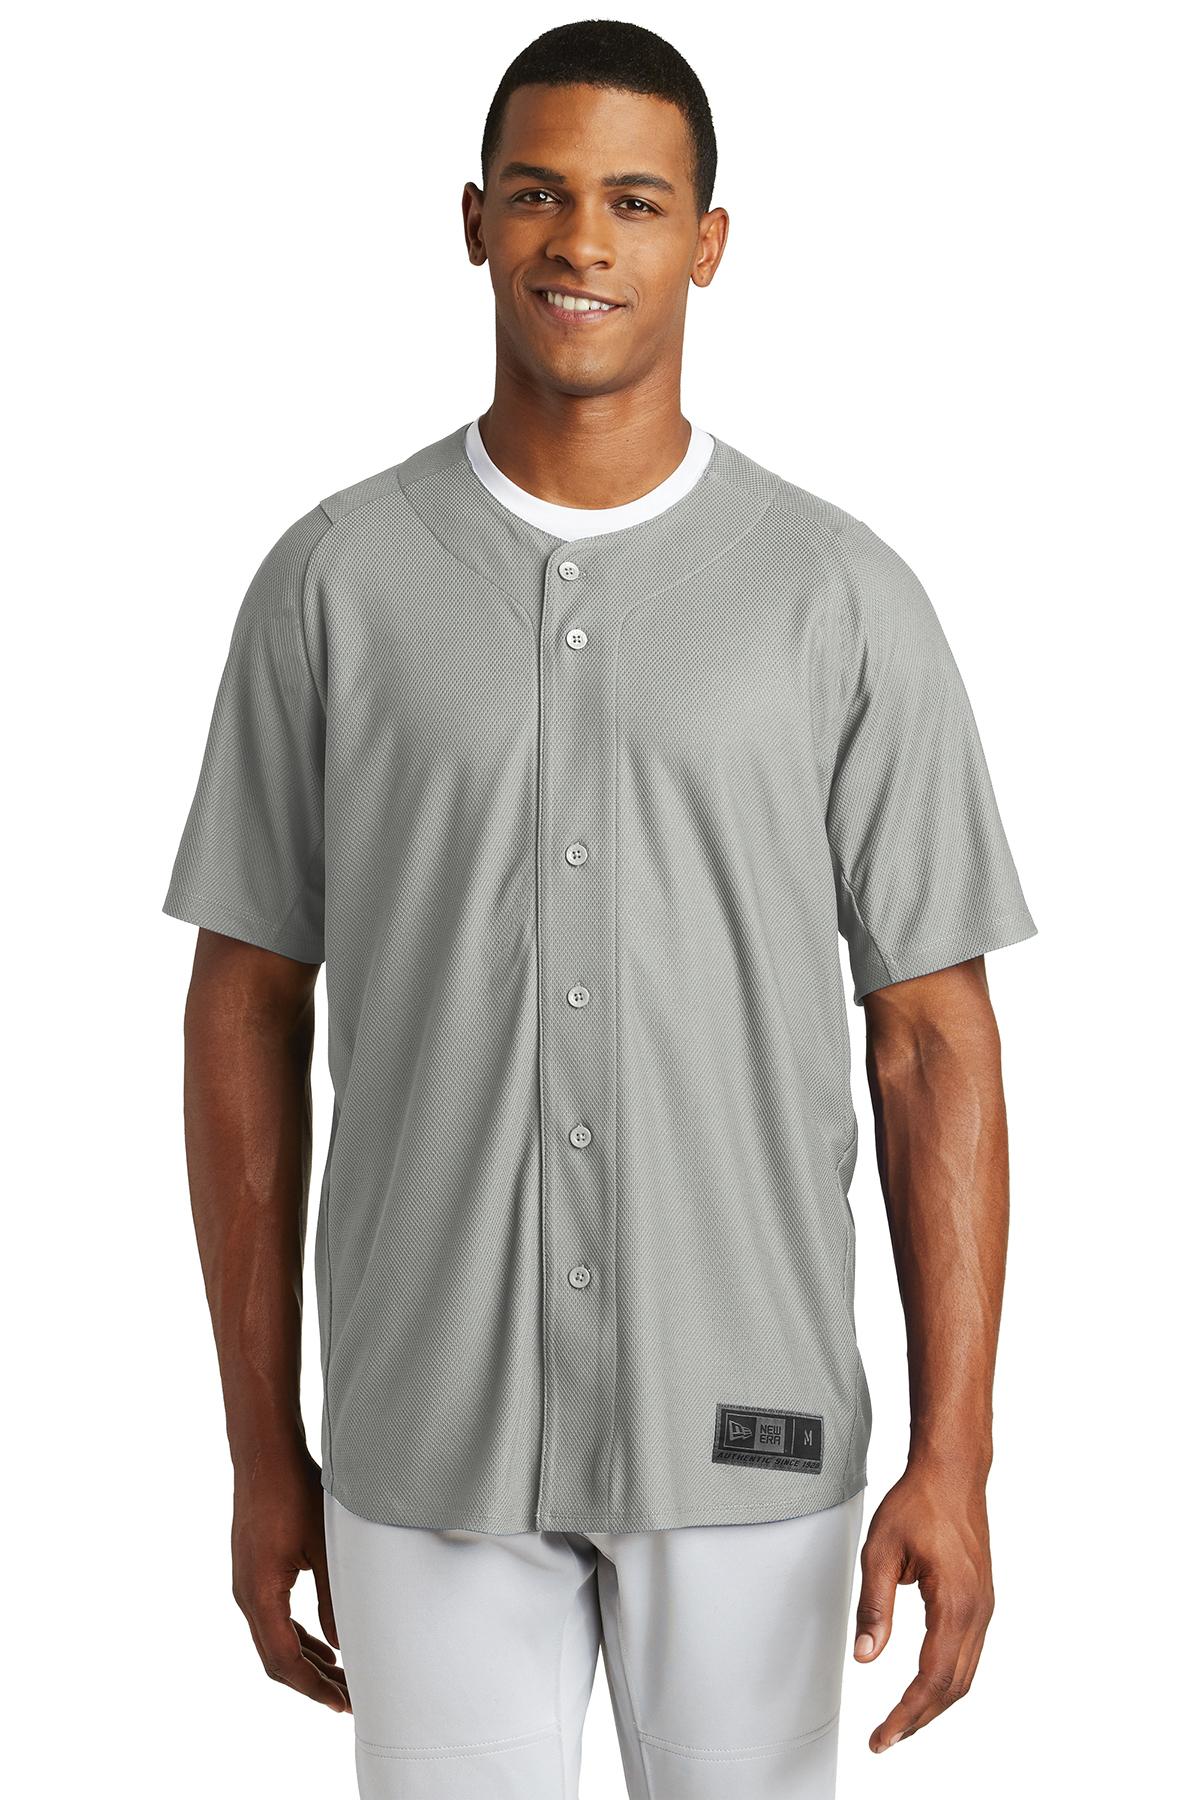 New Era NEA220 - Men's Diamond Era Full Button Jersey